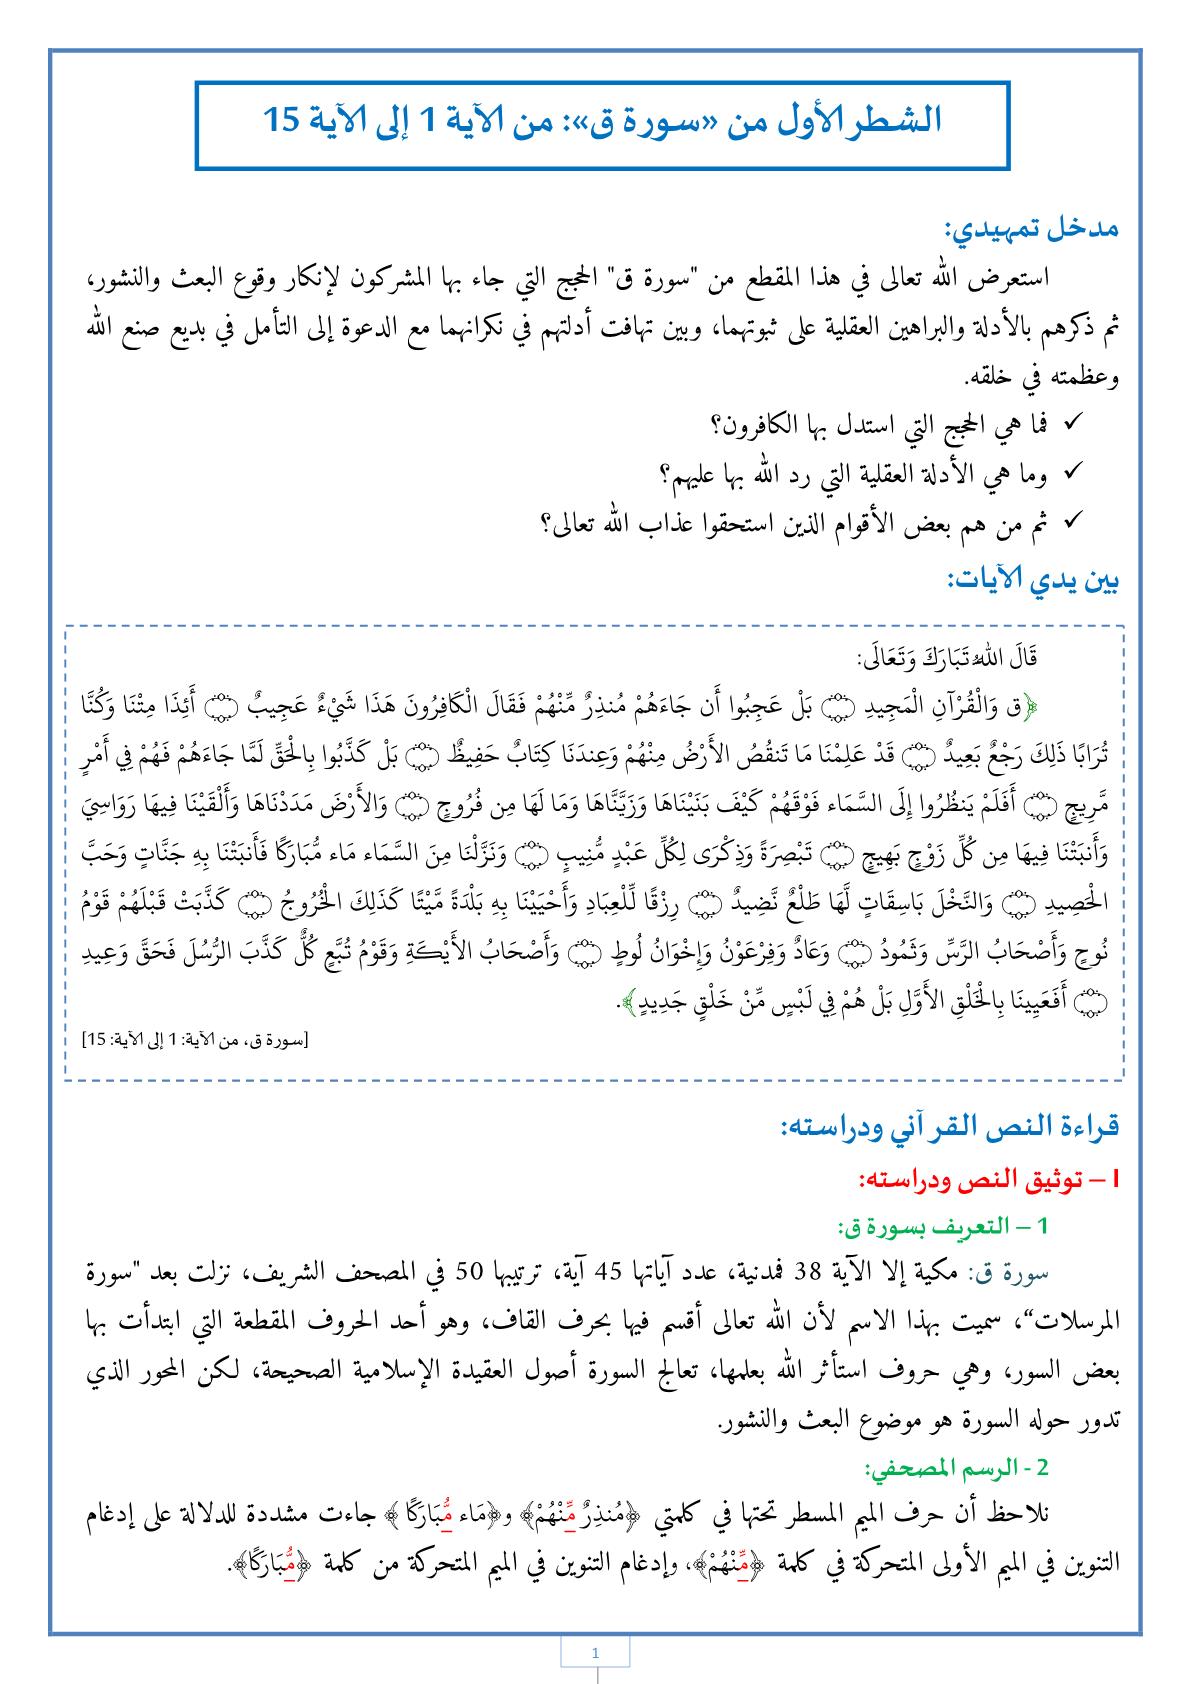 دروس مدخل التزكية: سورة ق في رحاب التربية الإسلامية